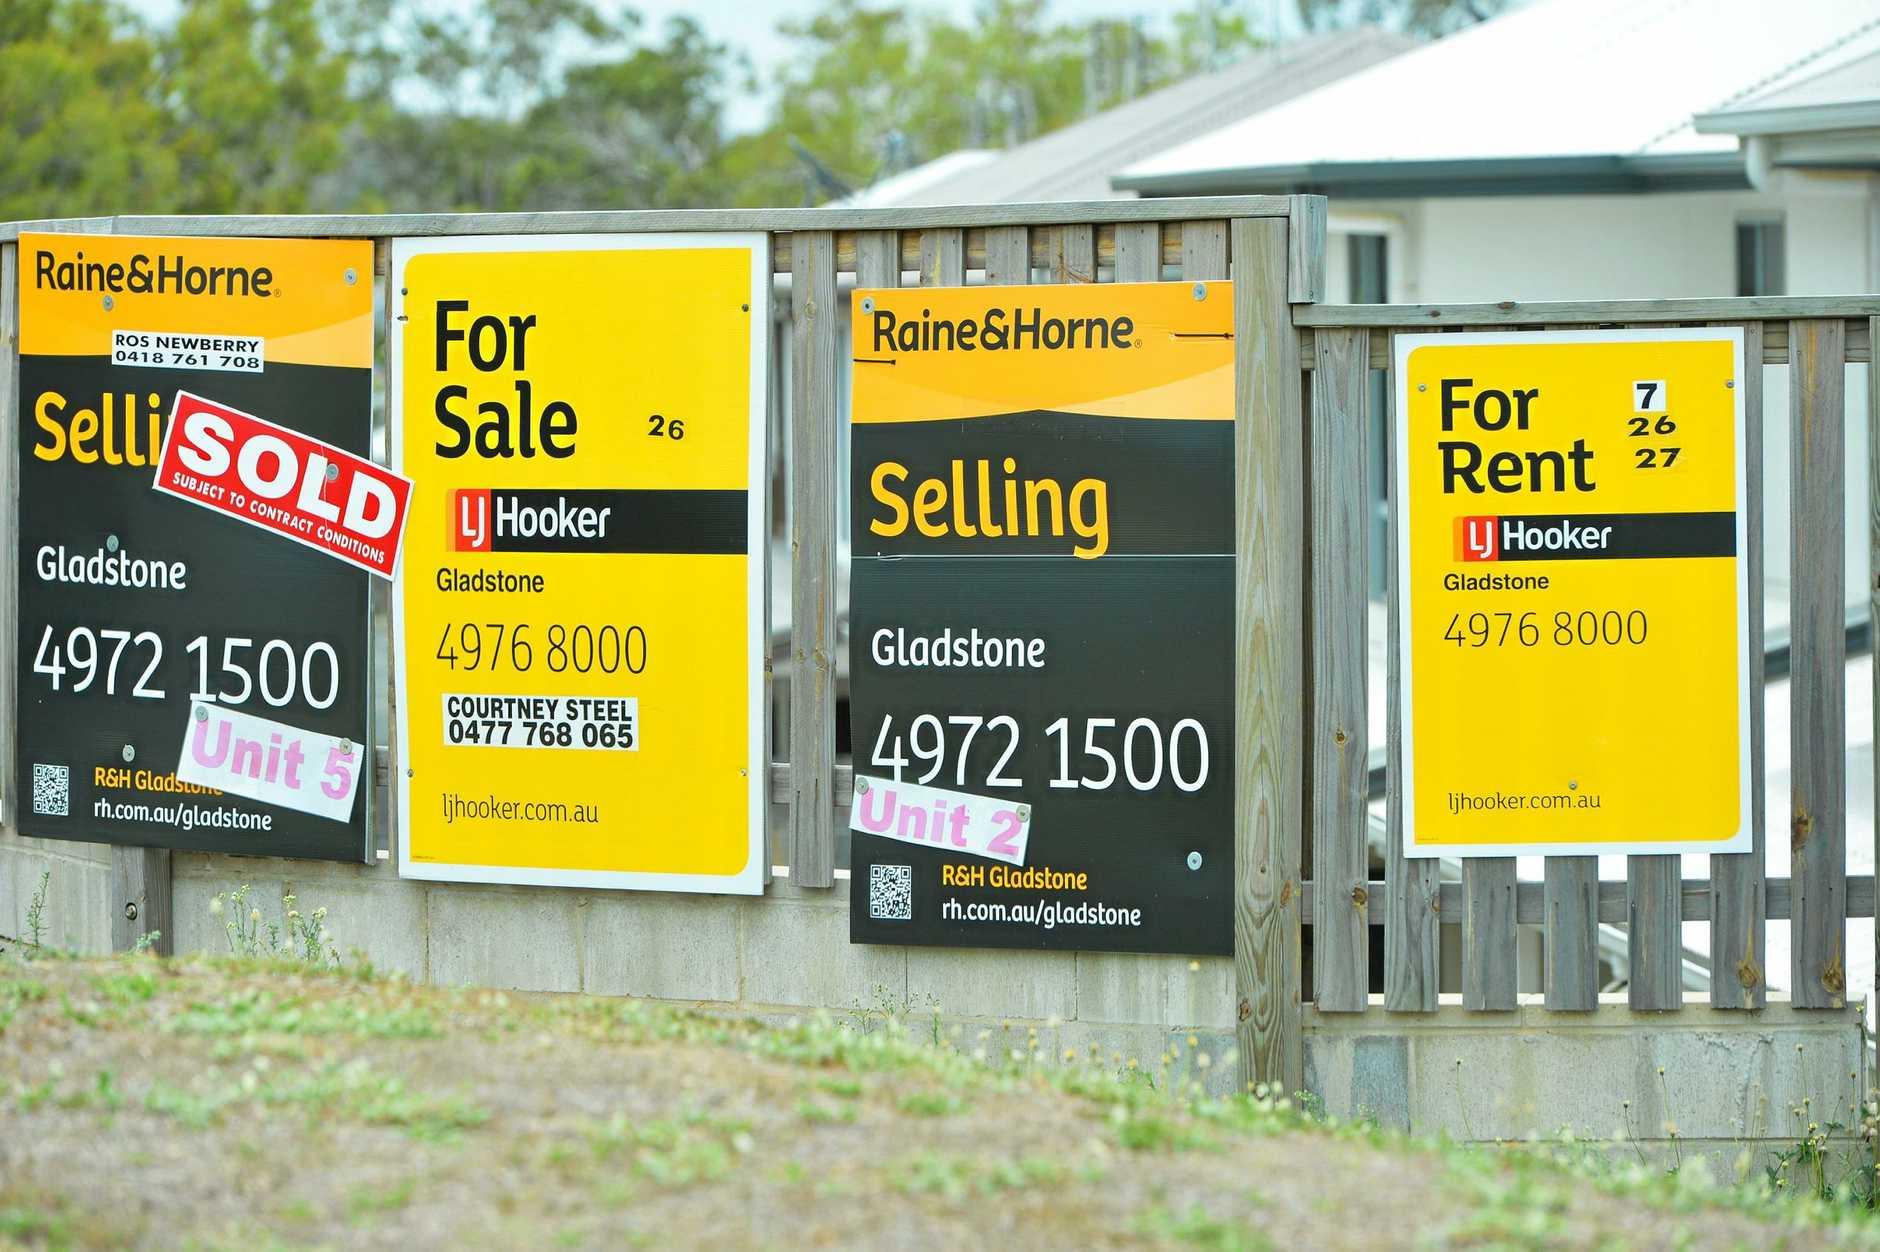 Glen Eden for Real Estate.